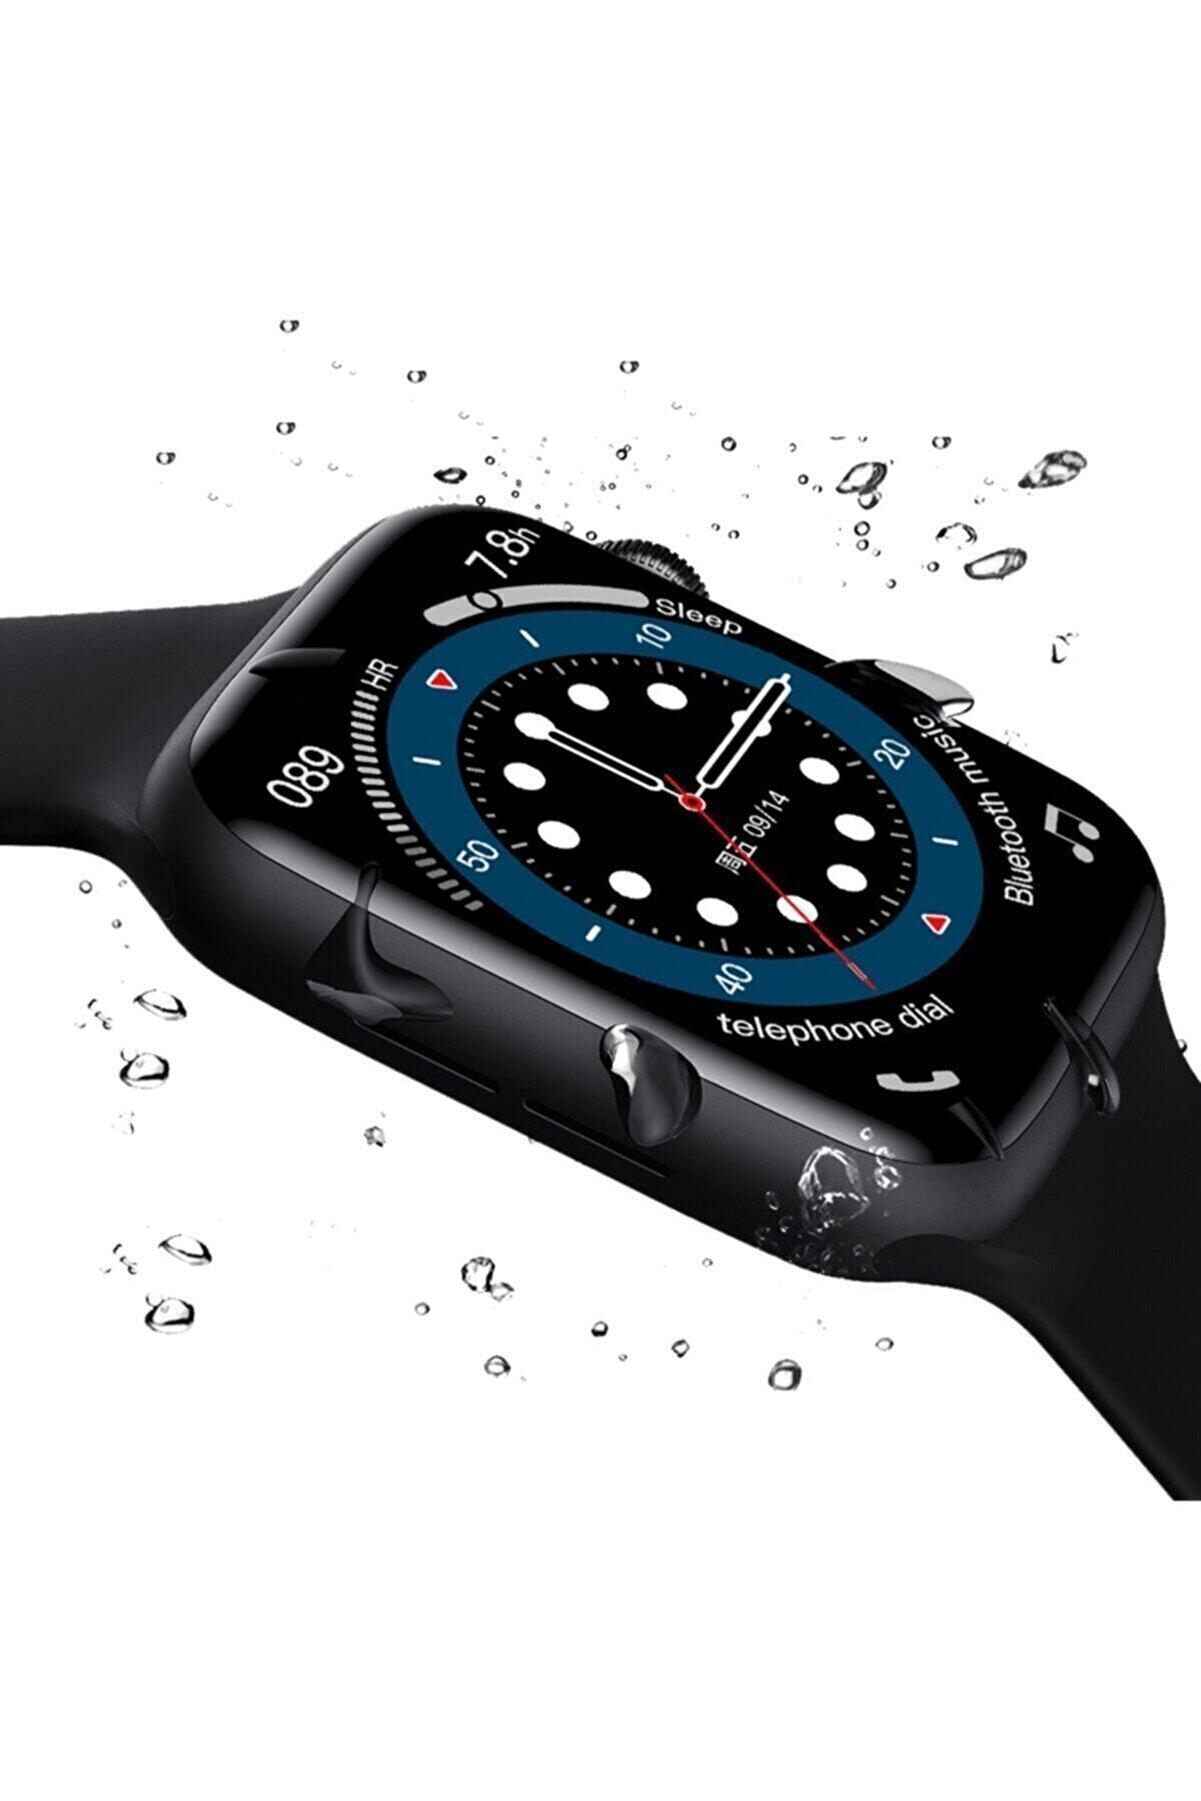 RUKUSHE Watch 6 Plus Bluetooth Akıllı Saat Suya Dayanıklı Ateş Ve Nabız Ölçer Yan Tuş Aktif Android Ve Ios